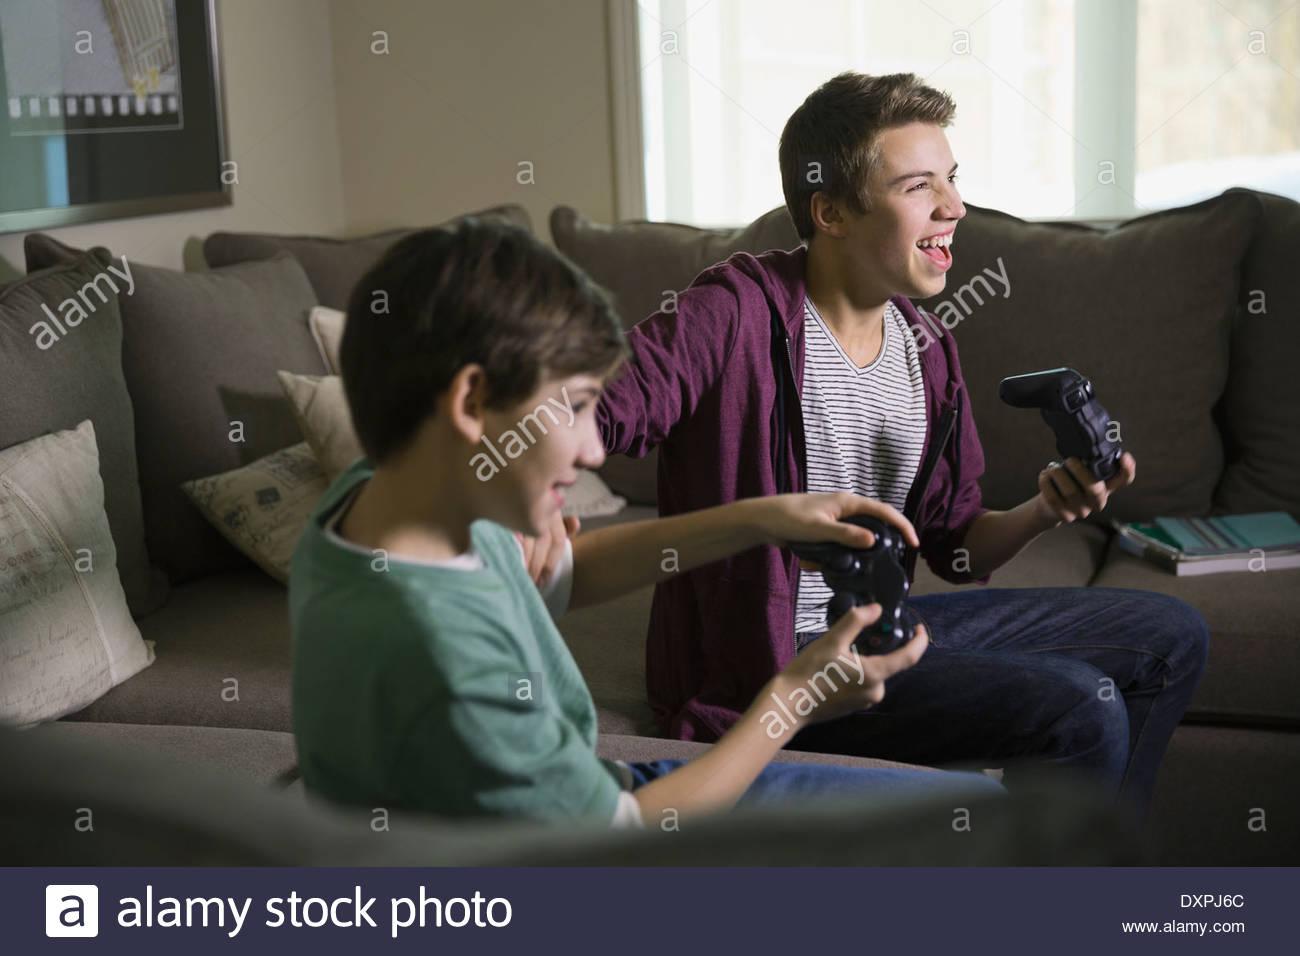 Emocionados hermanos jugar video juegos en el sofá Imagen De Stock